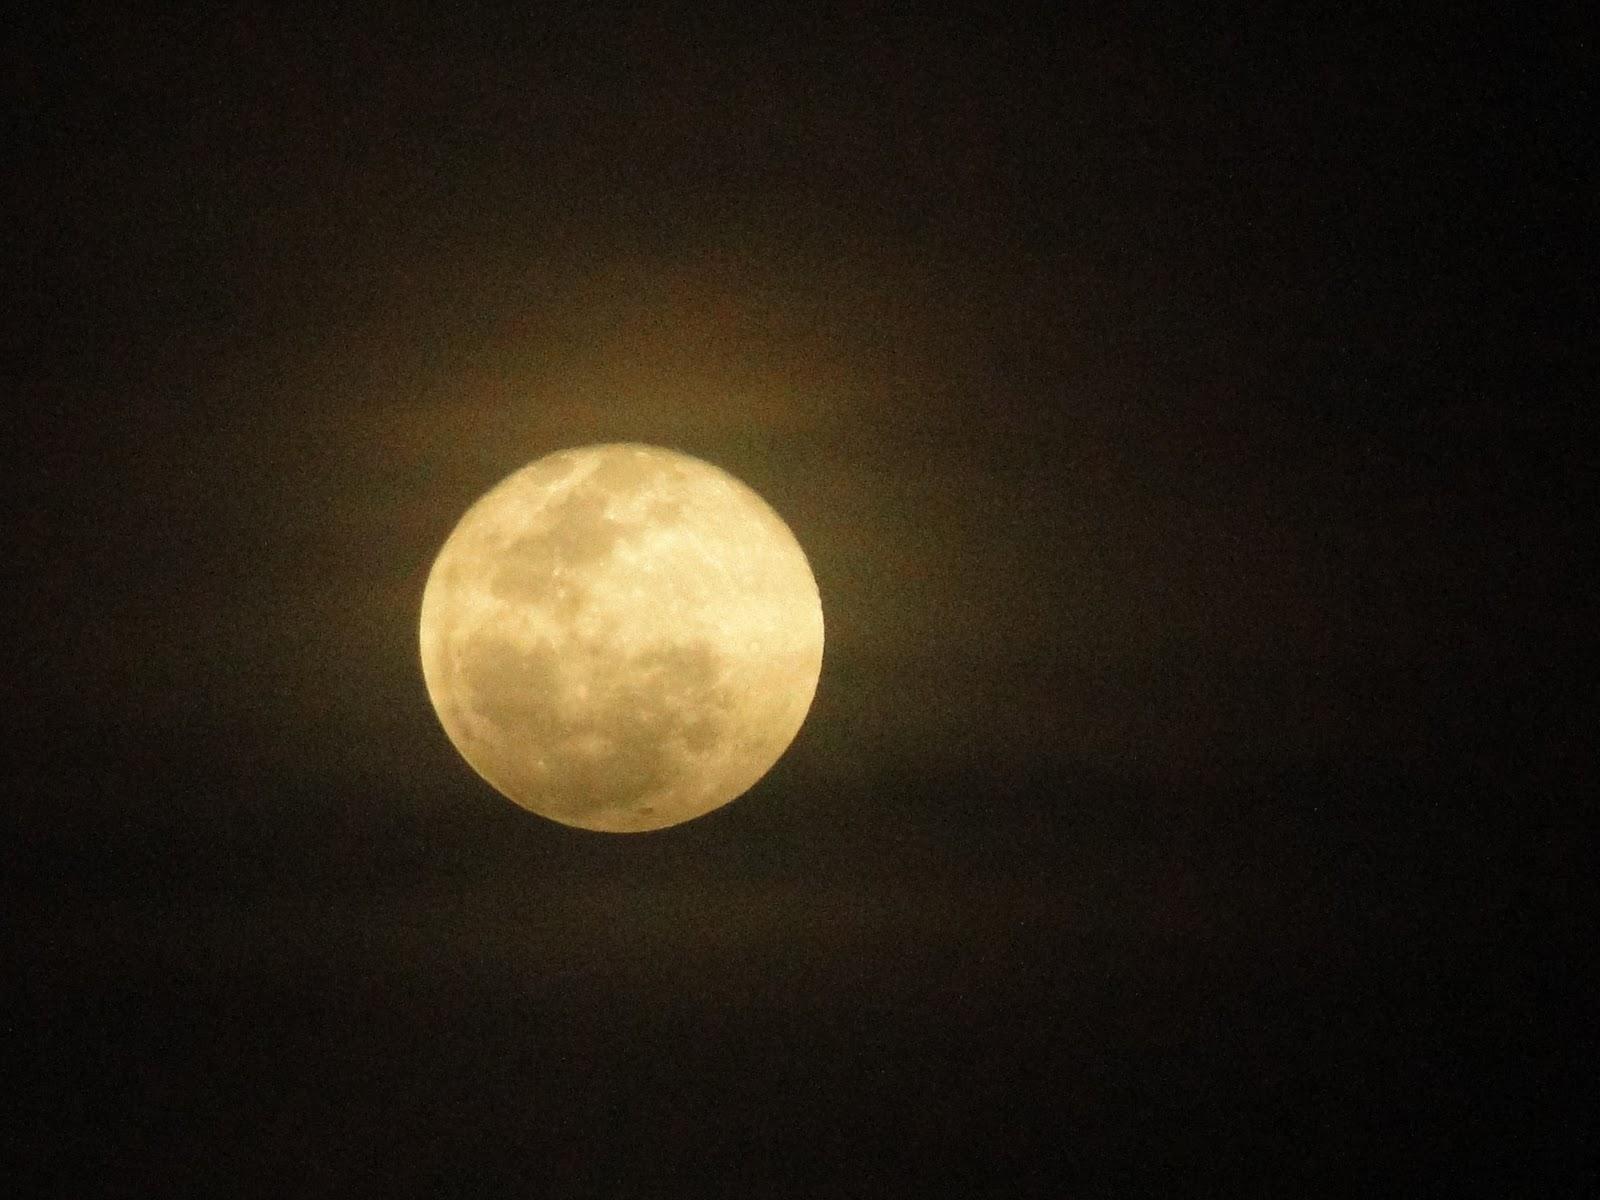 Eu Descobri Que A Solidão é O Grande Lua: Vida Louca, Vida